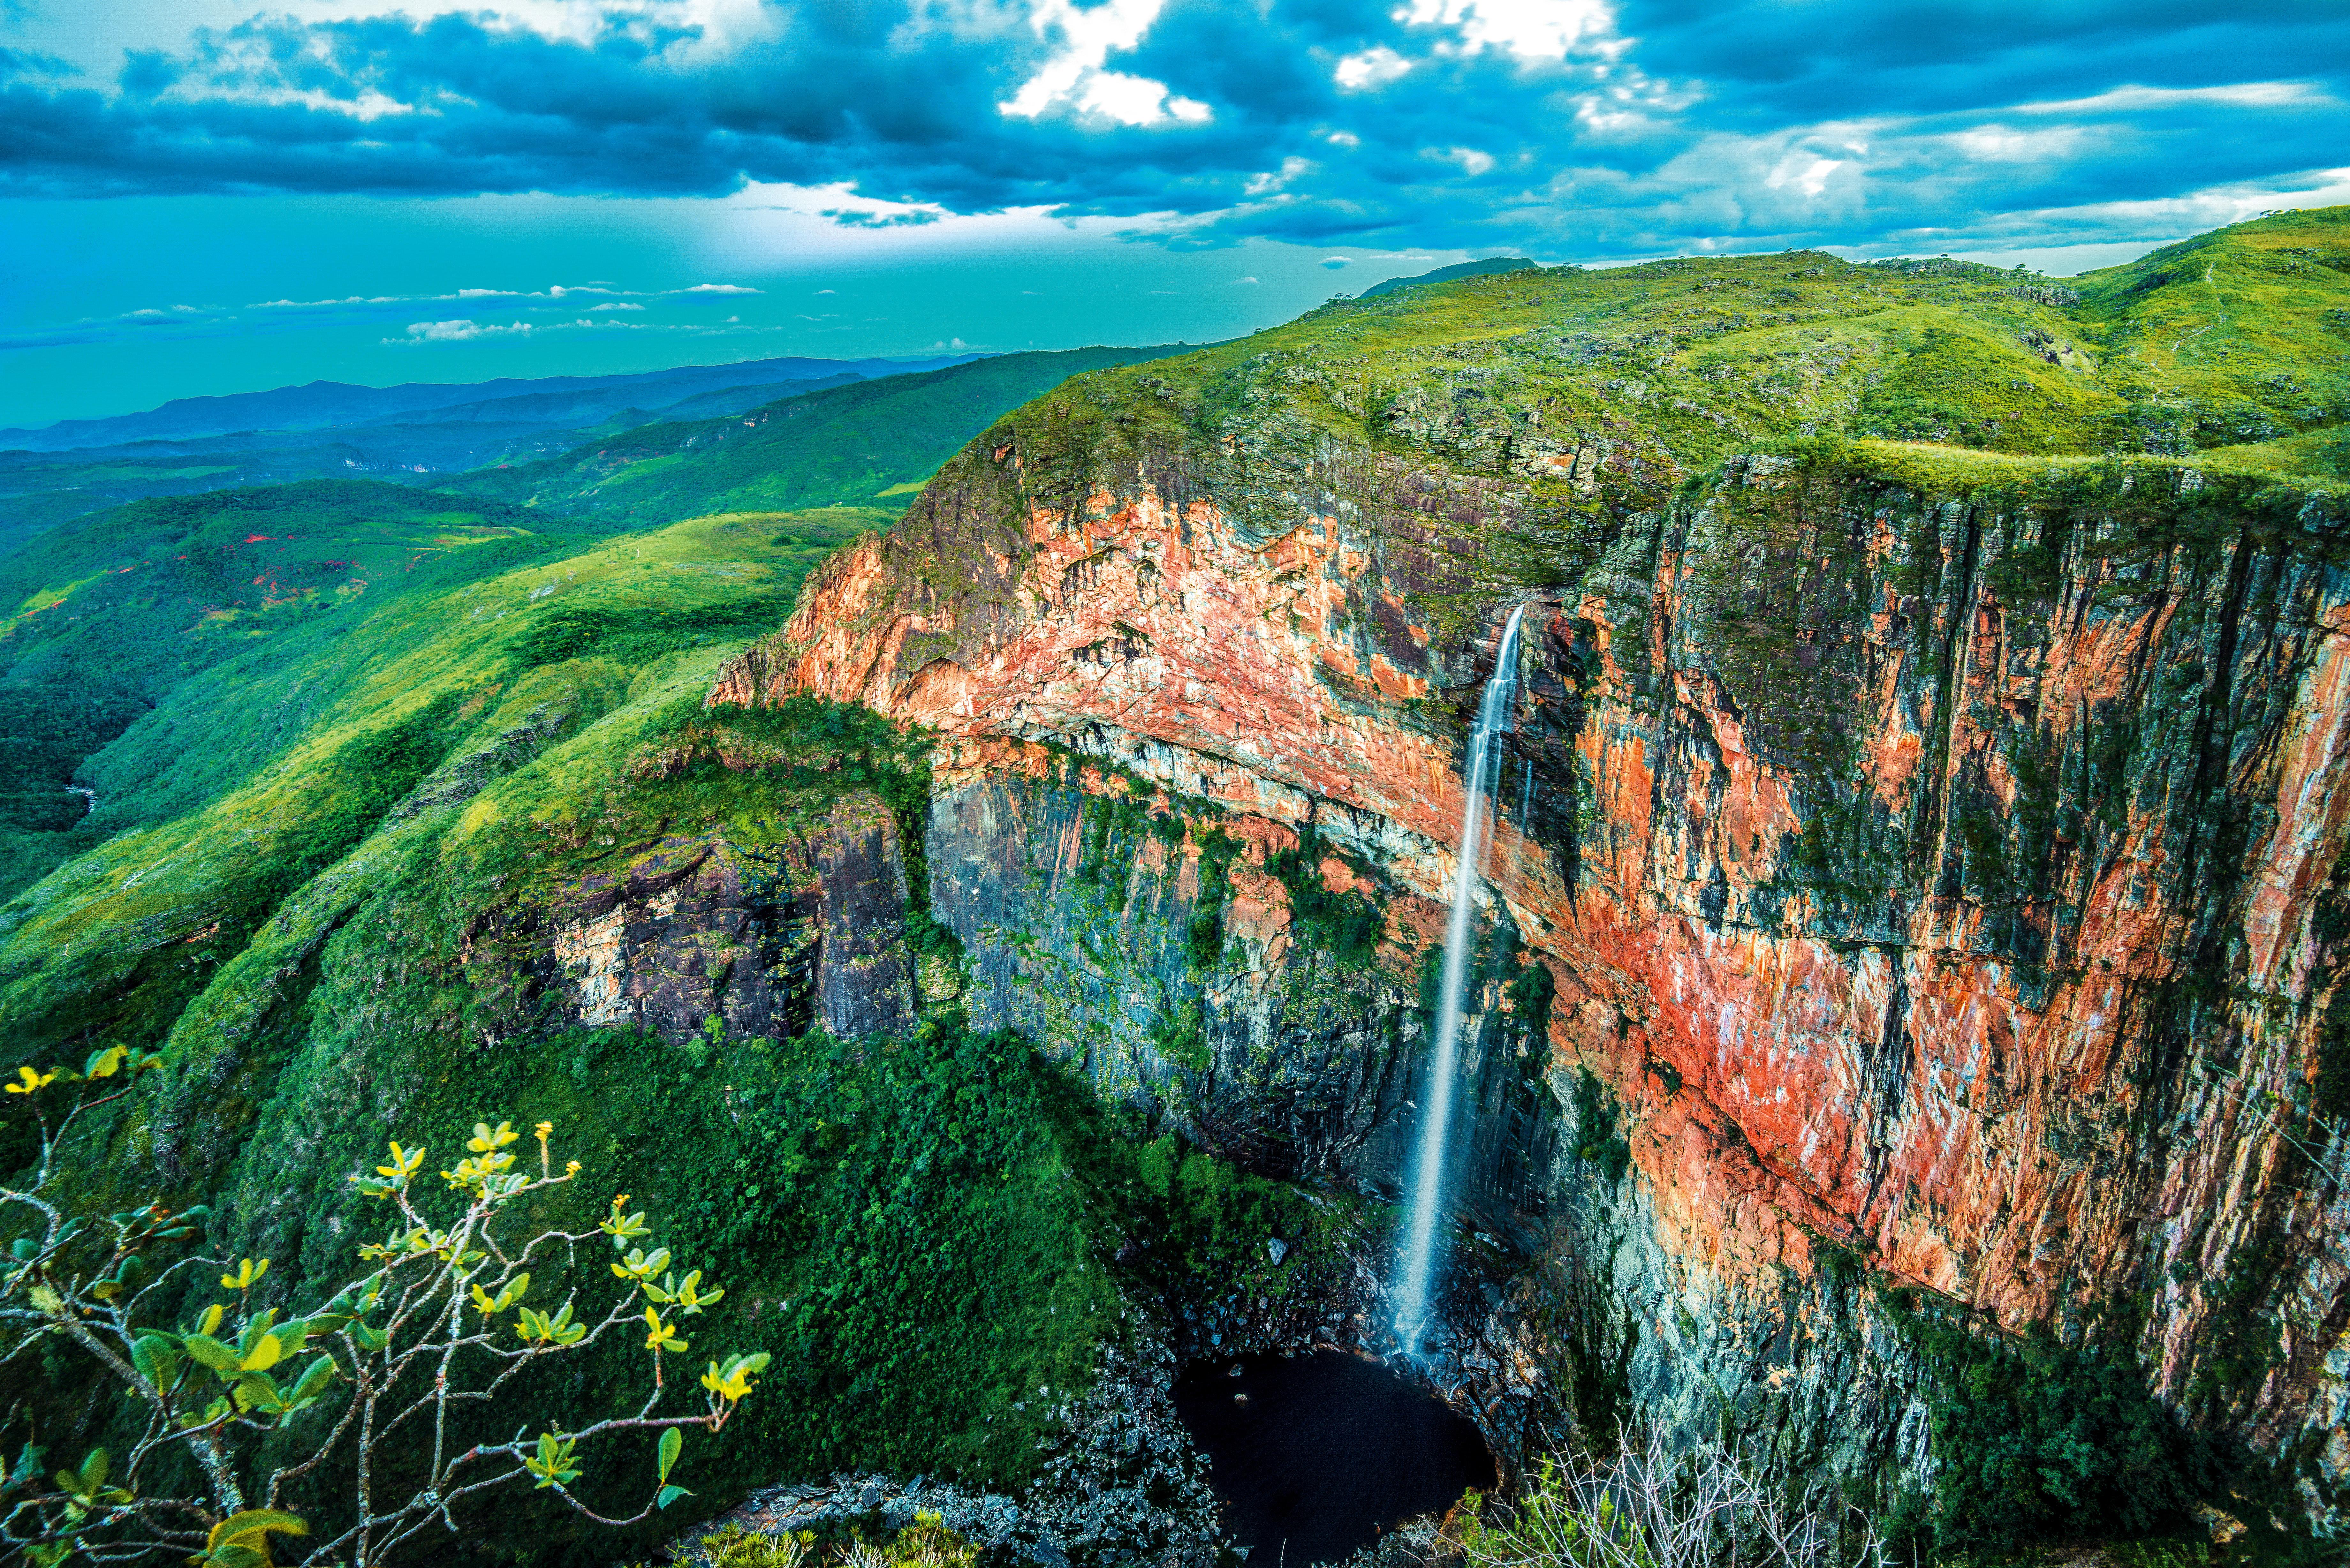 Sente só a Cachoeira do Tabuleiro, em Conceição do Mato Dentro